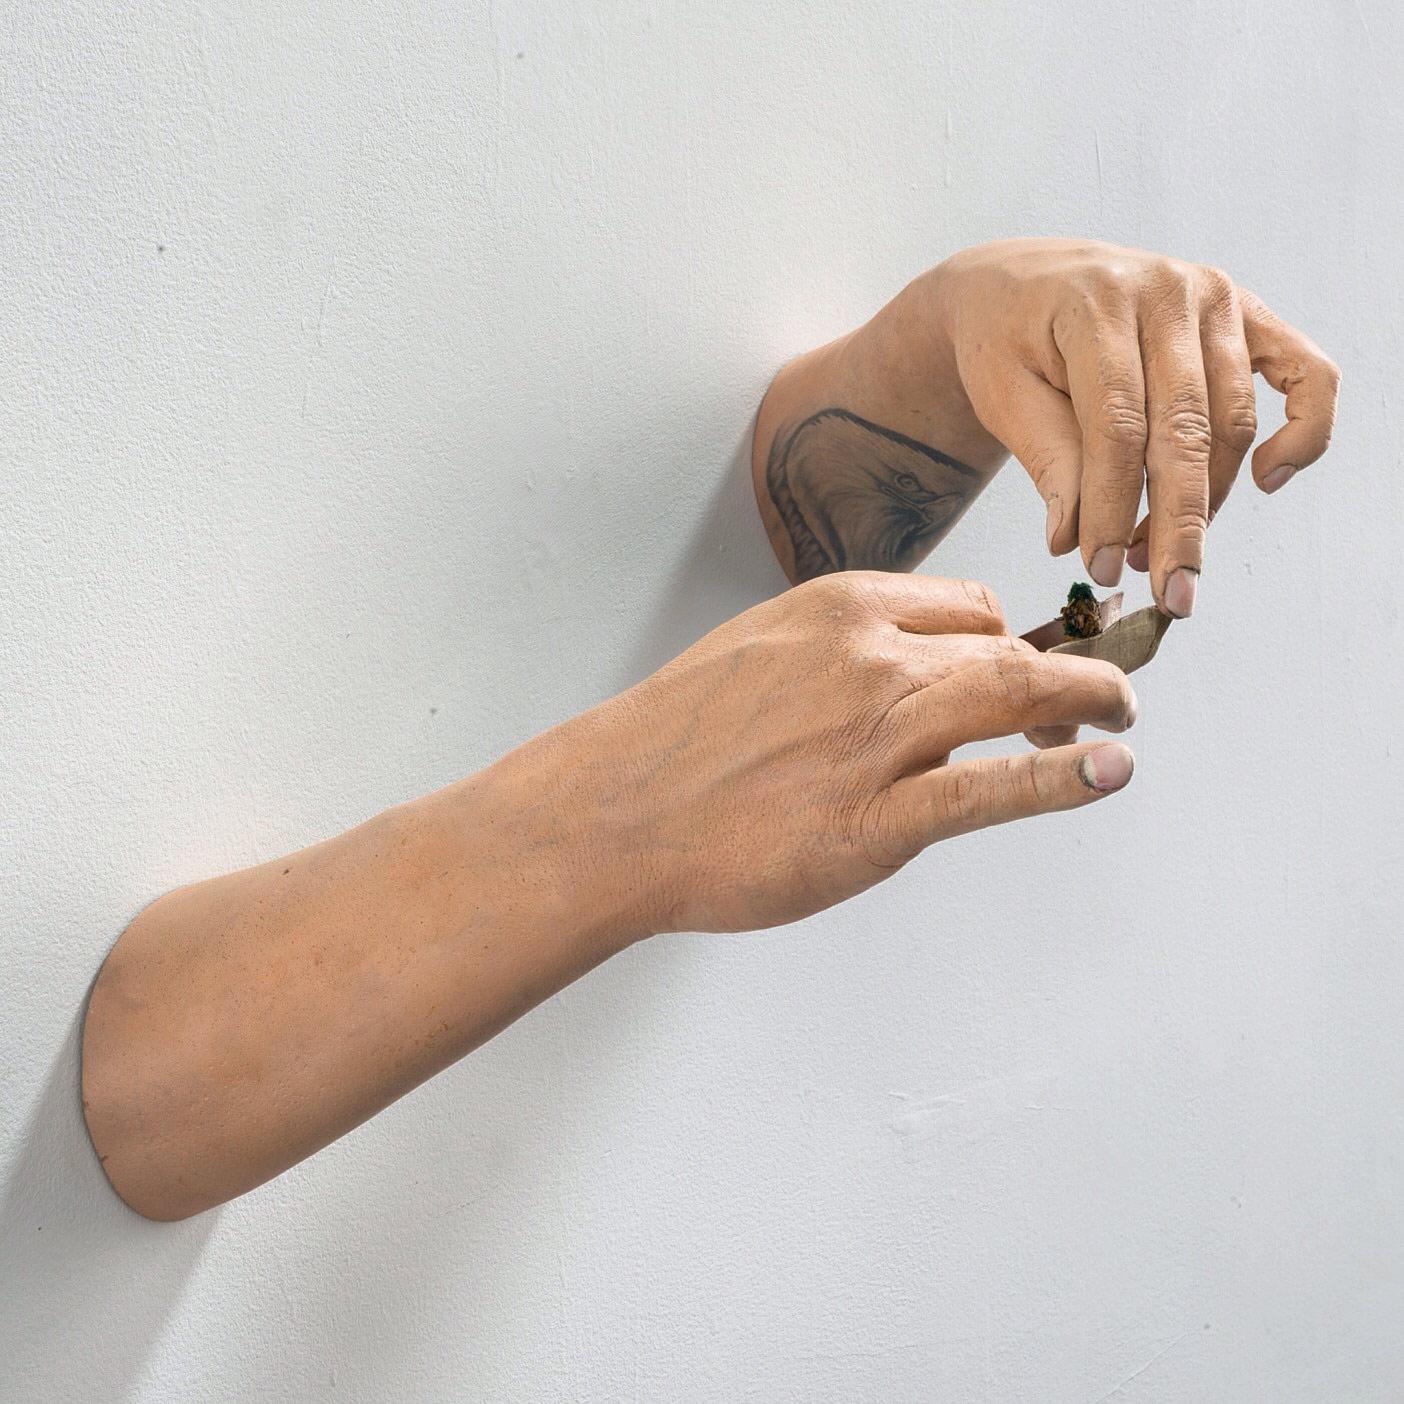 artist-sergio-garcia-06